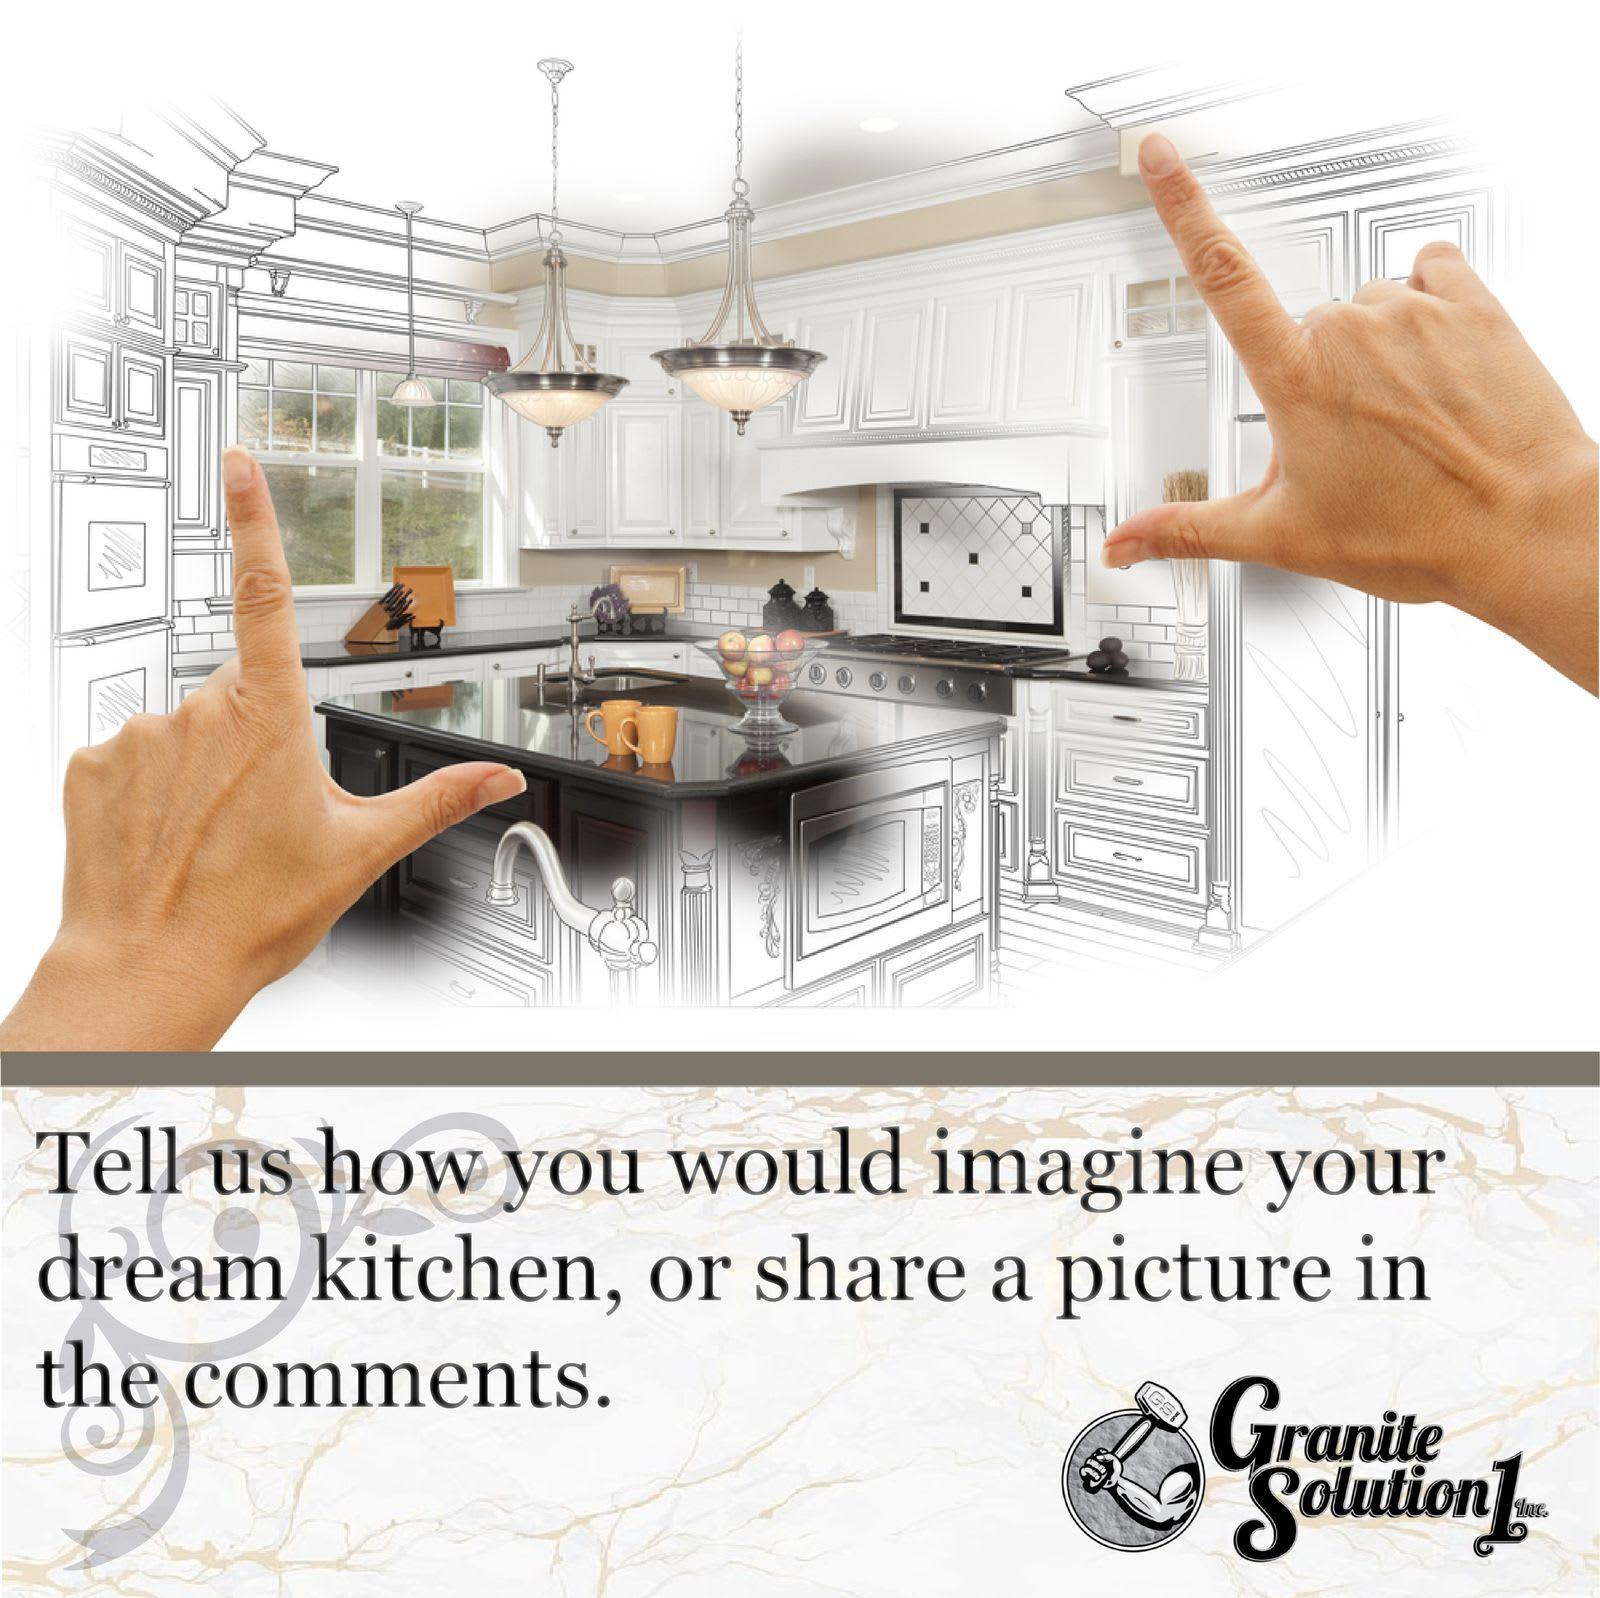 granite solution kitchen